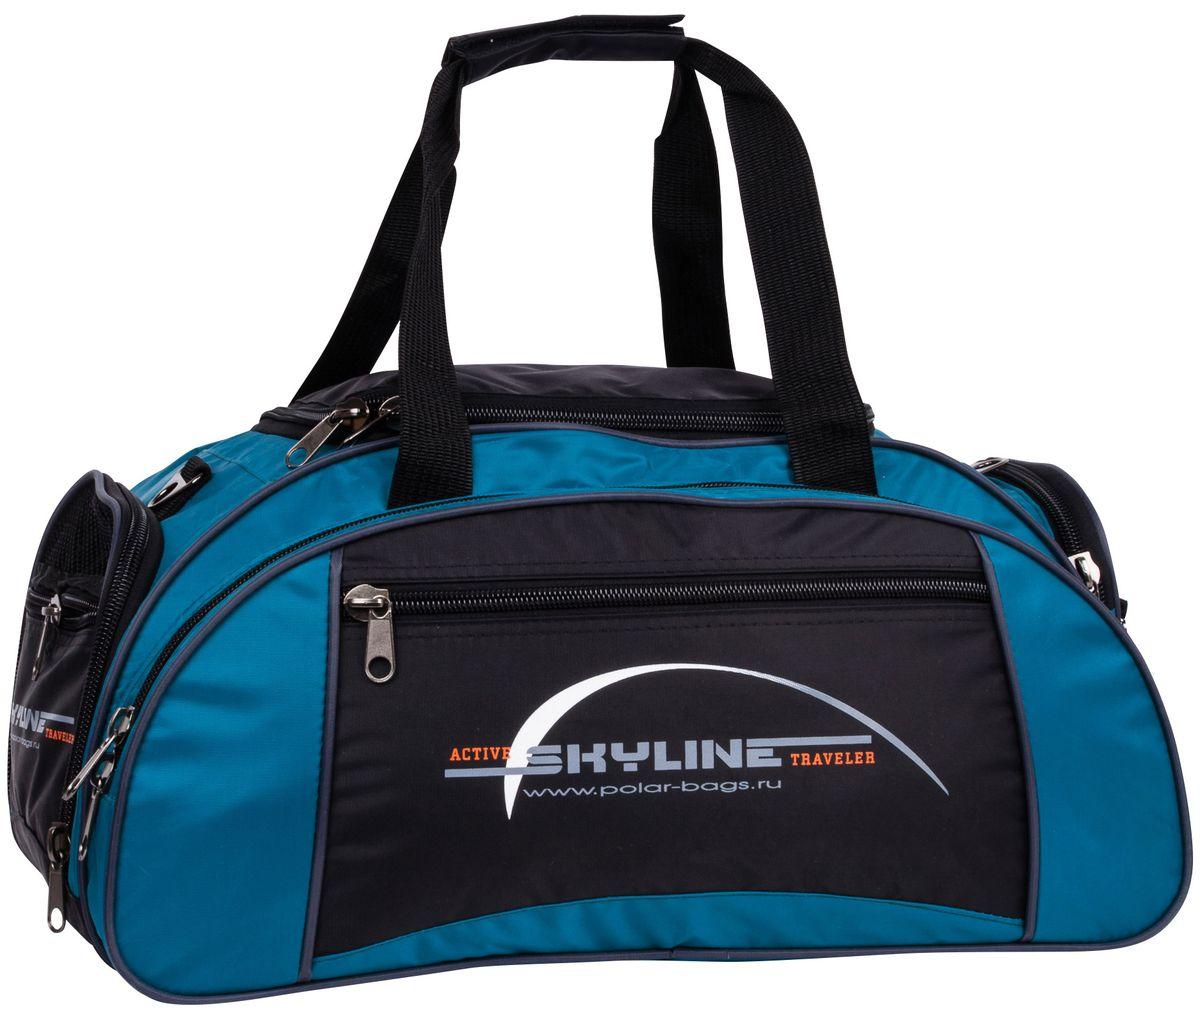 Сумка спортивная Polar Скайлайн, цвет: черный, голубой, 36 л, 30 х 50 х 24 см. 60636063Спортивная сумка для ваших вещей. Большое отделение под вещи, плюс три кармана снаружи сумки, позволит вместить в сумку самые необходимые вещи. Карман сбоку под обувь. Имеется плечевой ремень.